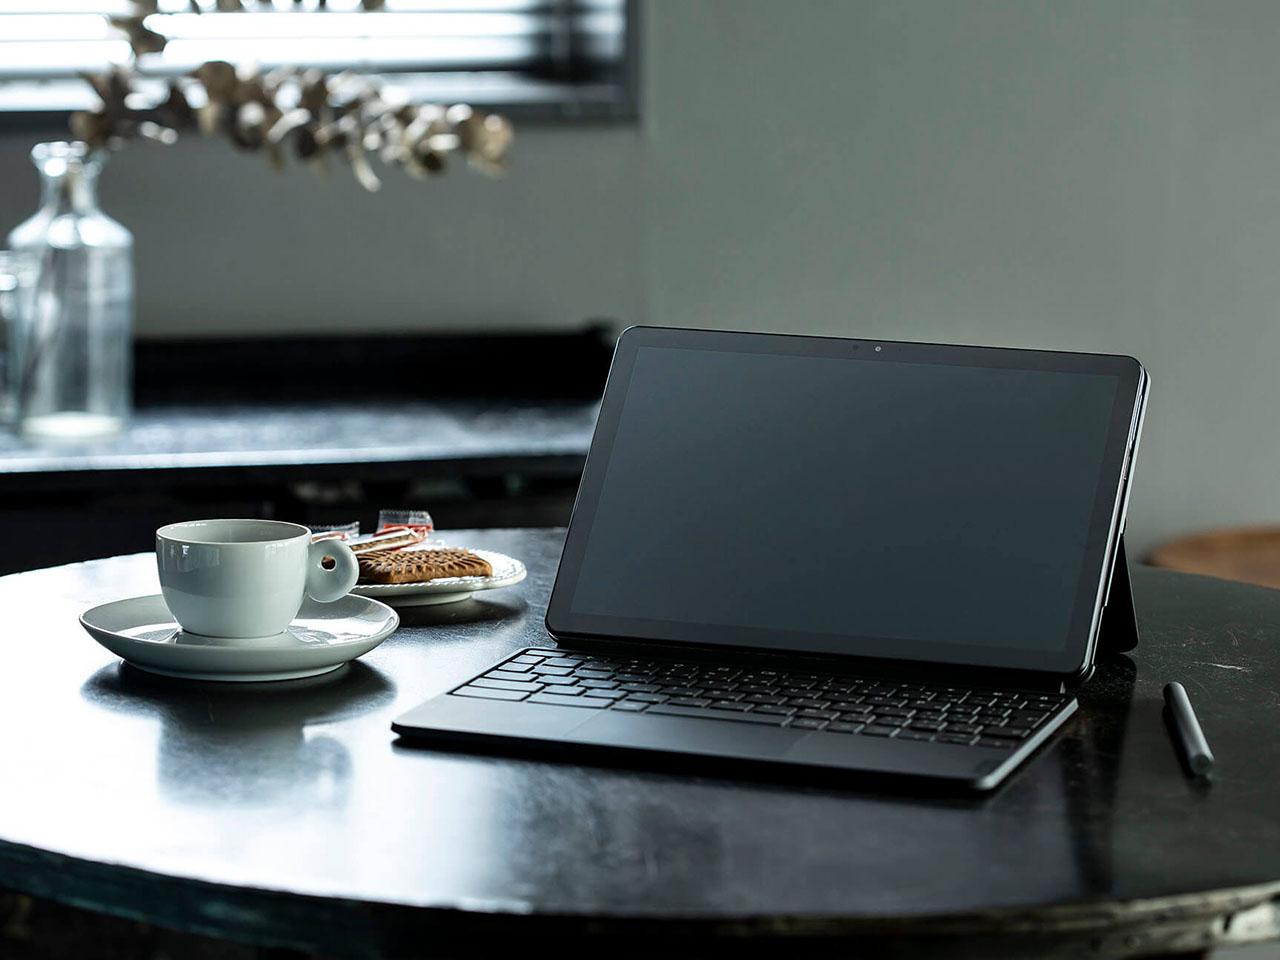 『本体 参考1』 IdeaPad Duet Chromebook ZA6F0038JP の製品画像